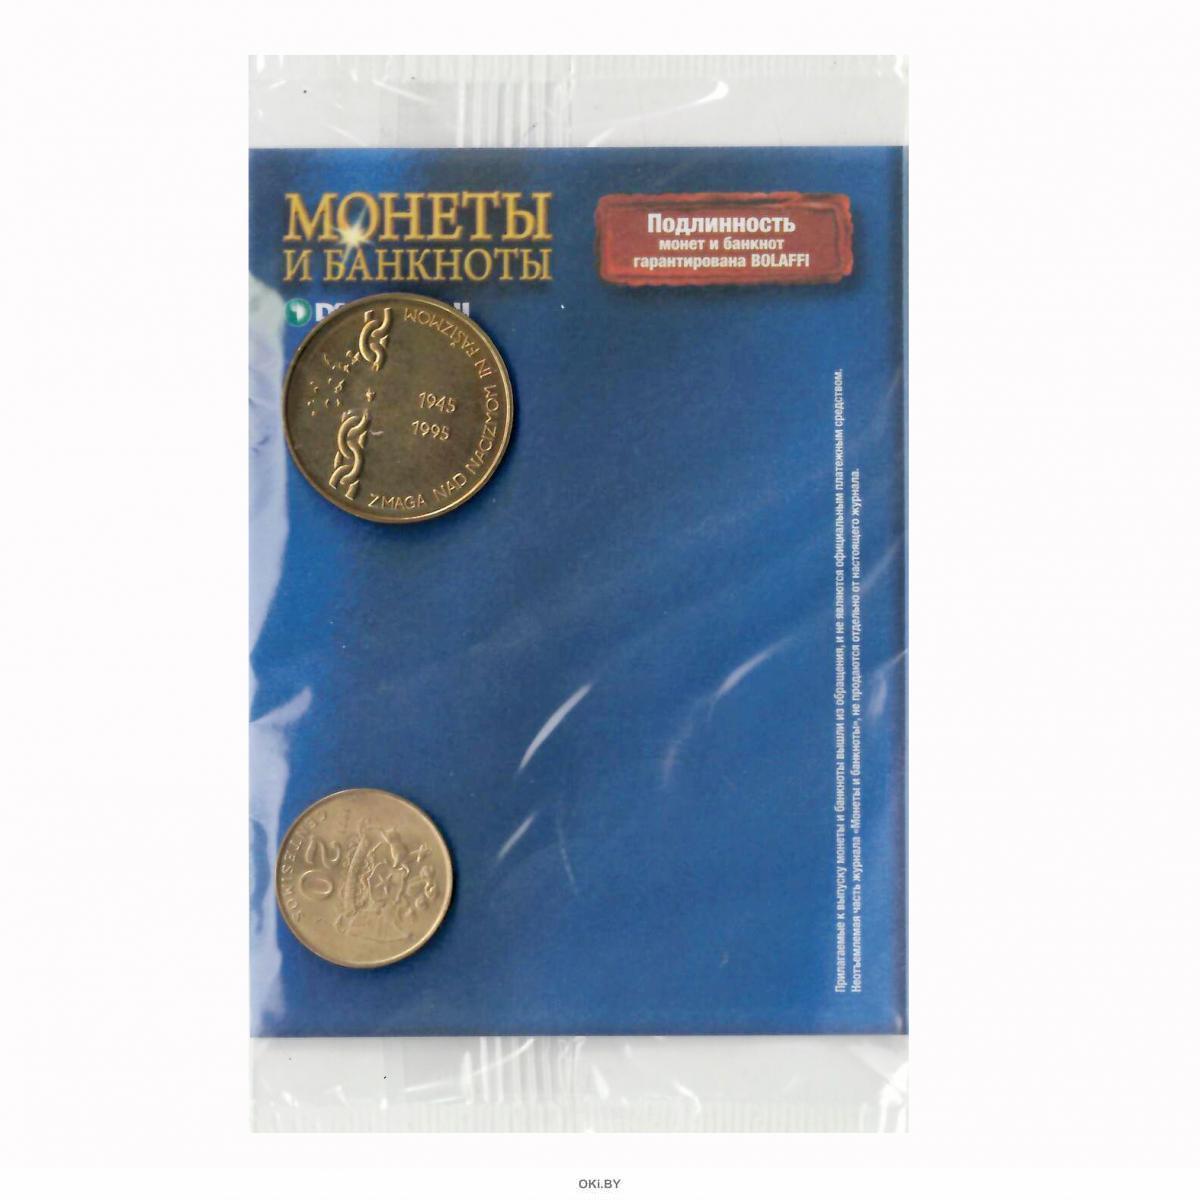 Монеты и банкноты № 344